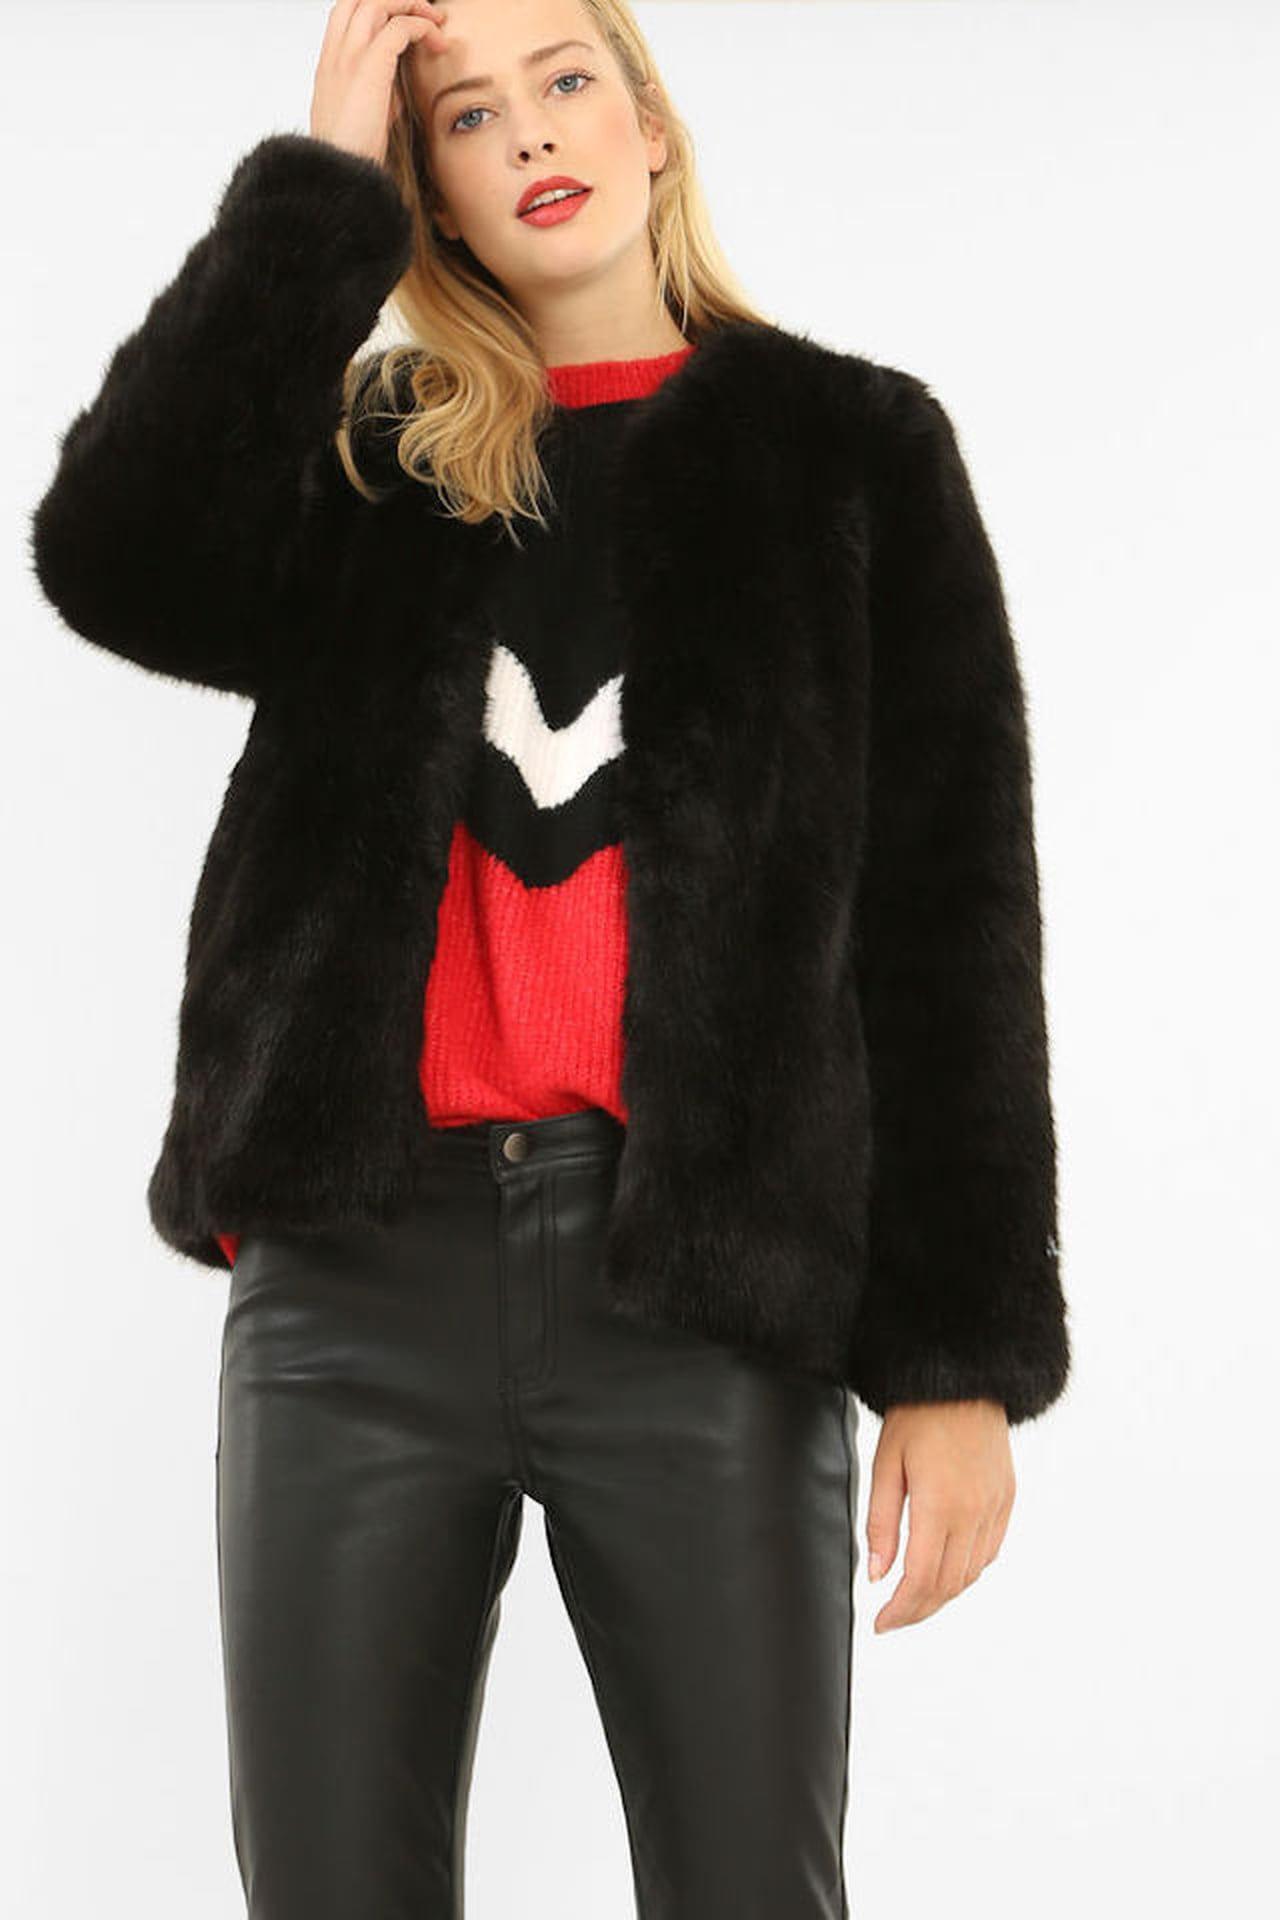 La giacca in pelliccia ecologica declinata sul nero e dal taglio corto di  Pimkie è in vendita a 49 e638b1c2acb